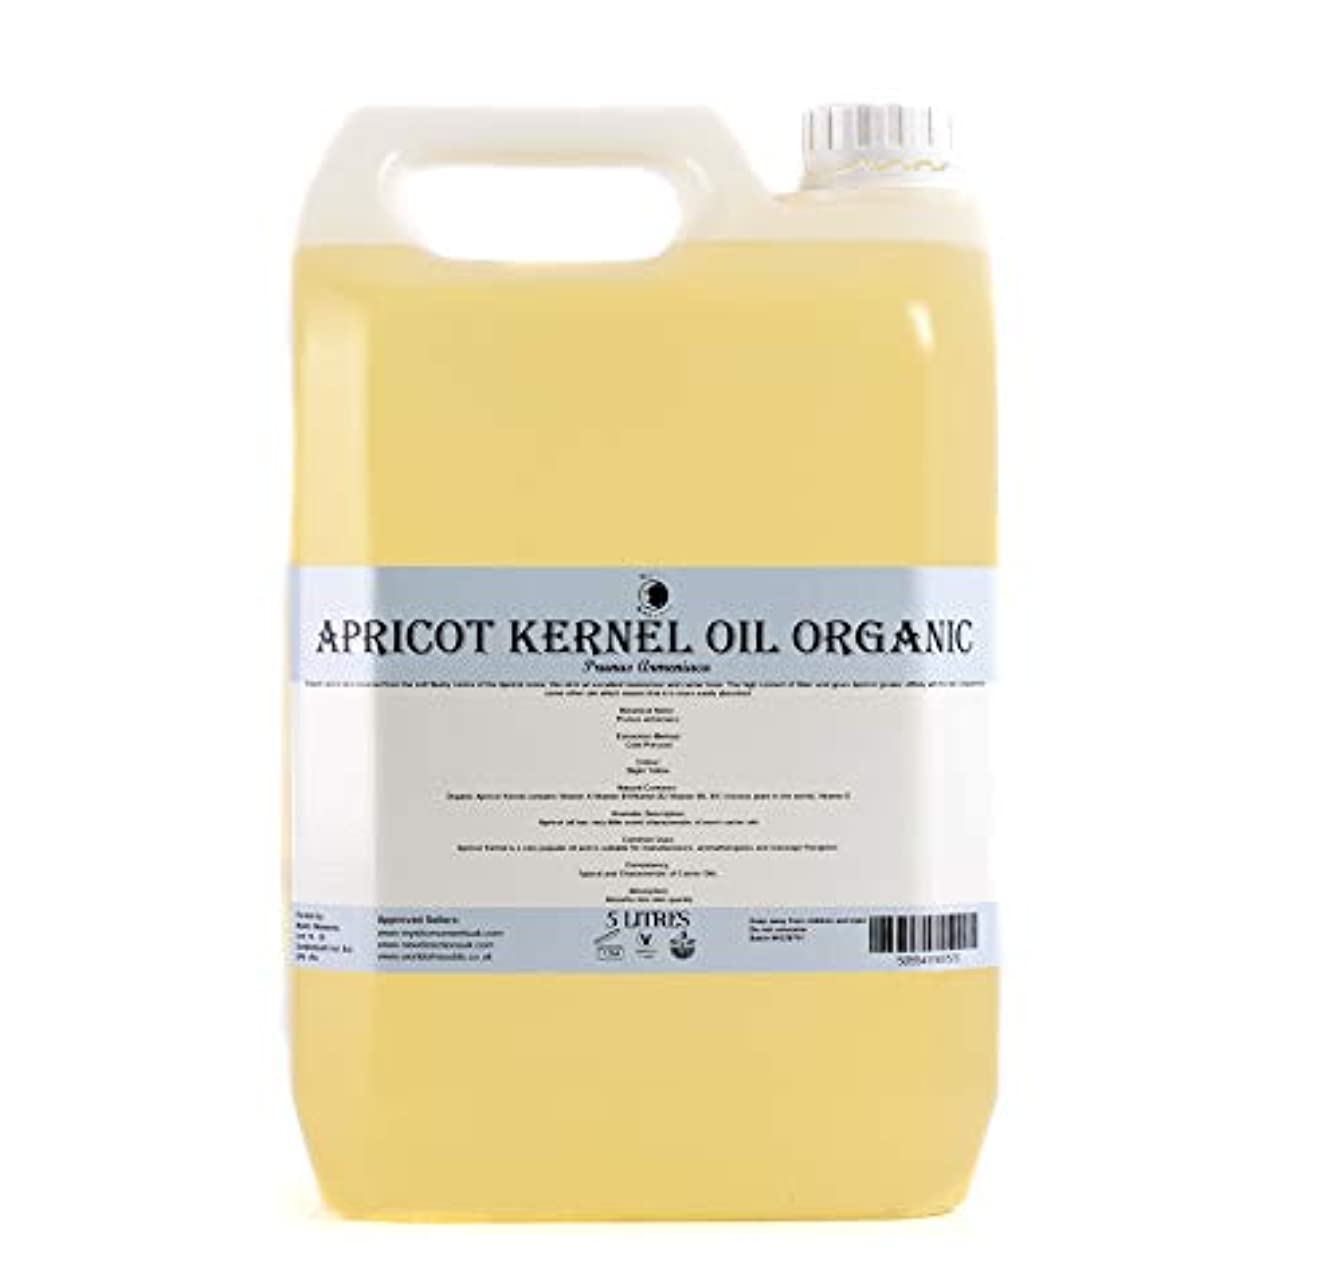 小包シエスタ連想Mystic Moments | Apricot Kernel Organic Carrier Oil - 5 Litres - 100% Pure